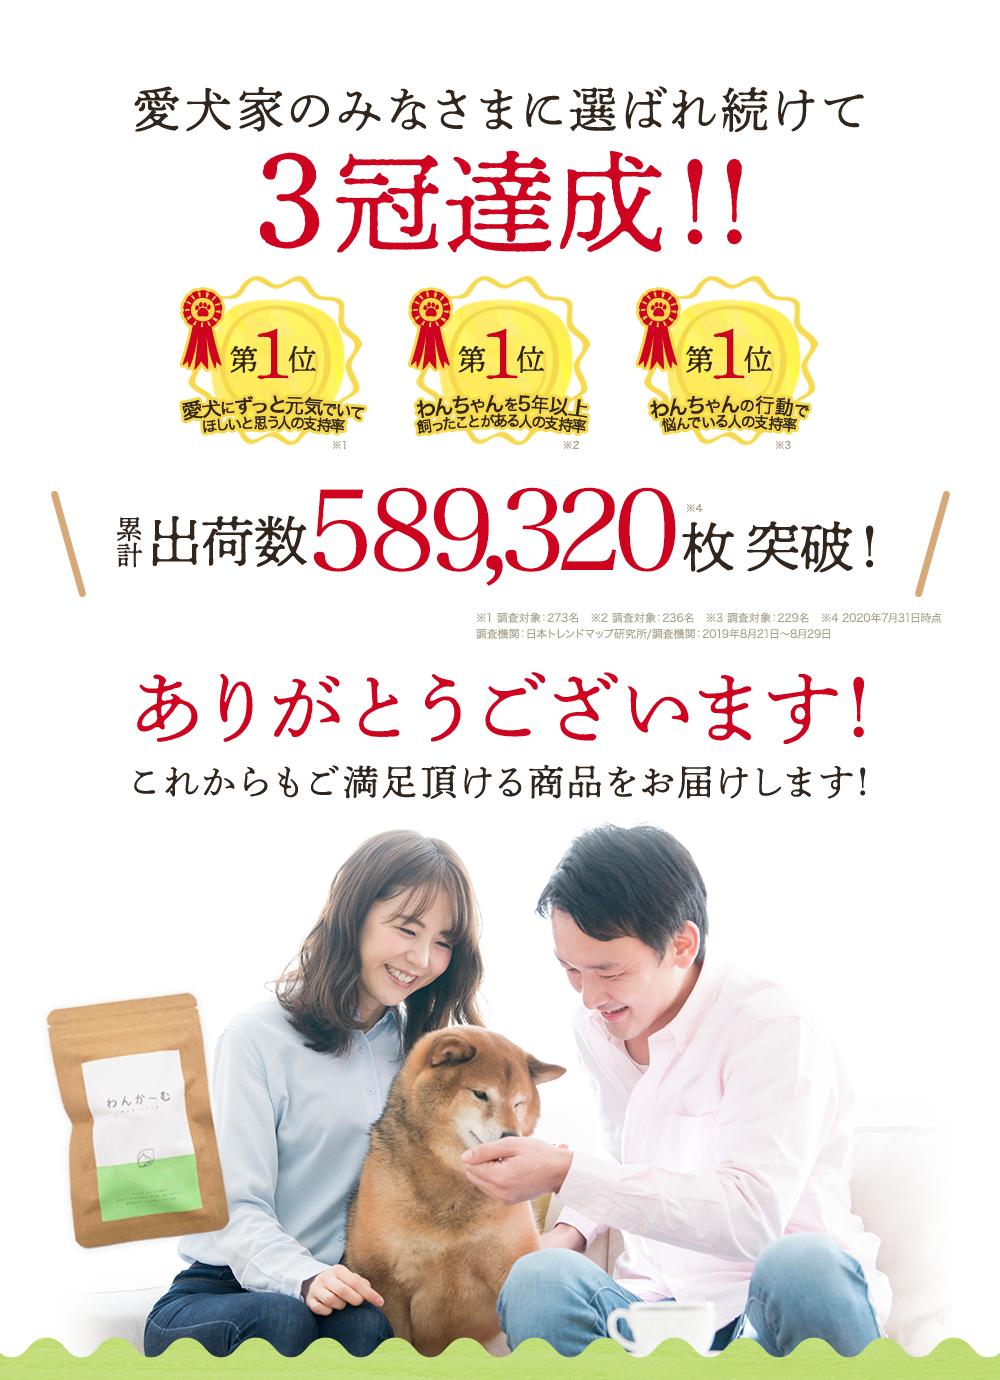 愛犬家のみなさまに選ばれ続けて3冠達成!!